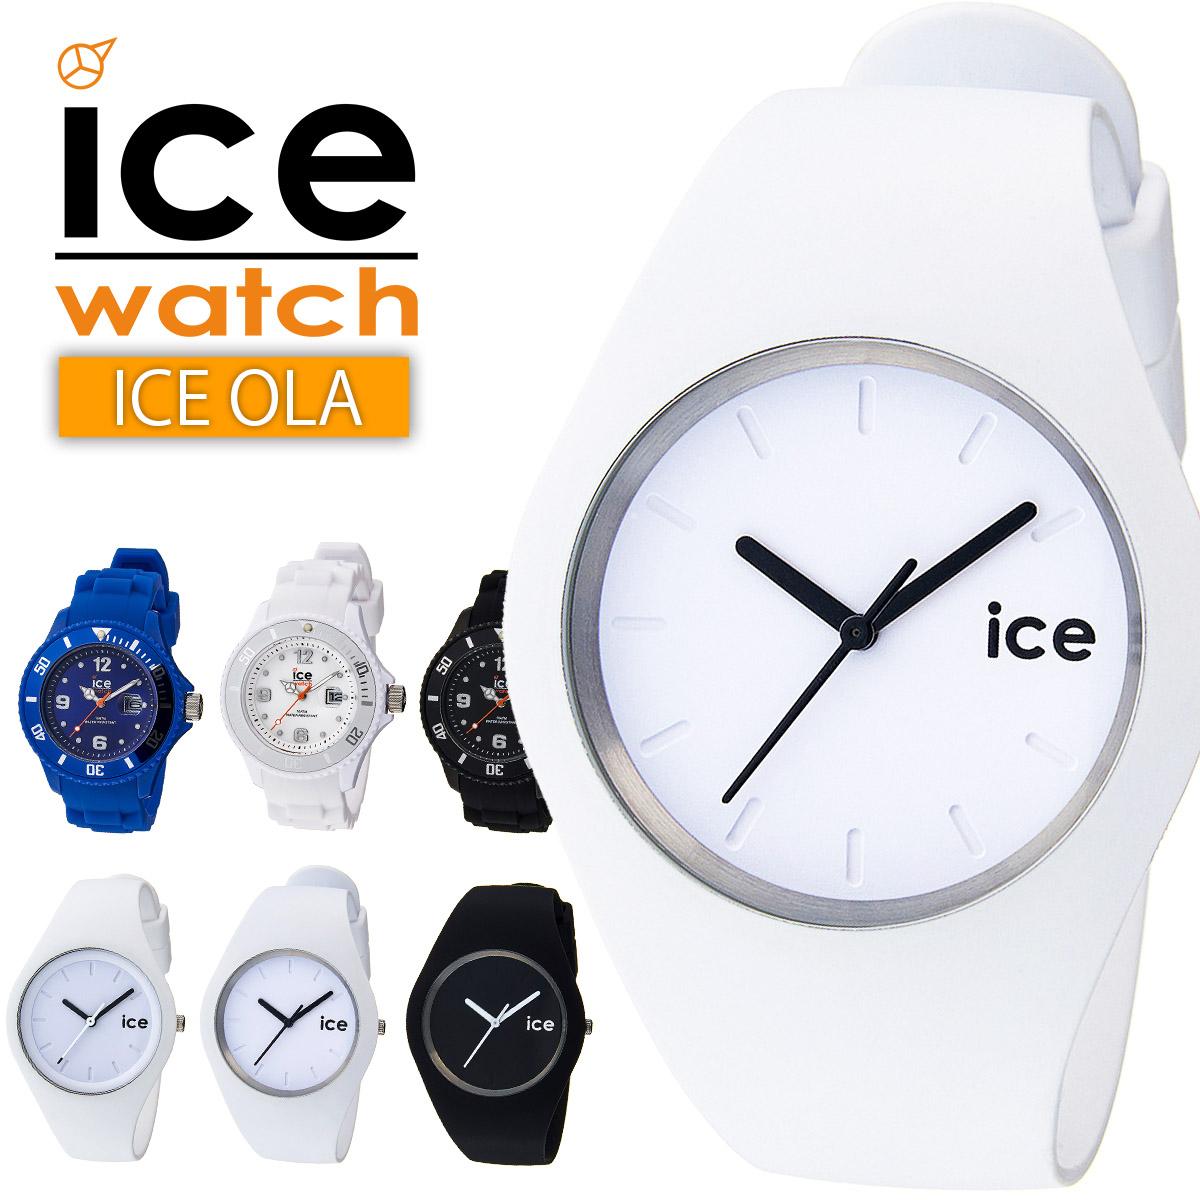 【全品送料無料】 ice watch アイスウォッチ レディース メンズ ユニセックス 腕時計 クオーツ ウォッチ プレゼント 贈り物 記念日 ギフト フォーマル カジュアル ペアウォッチ